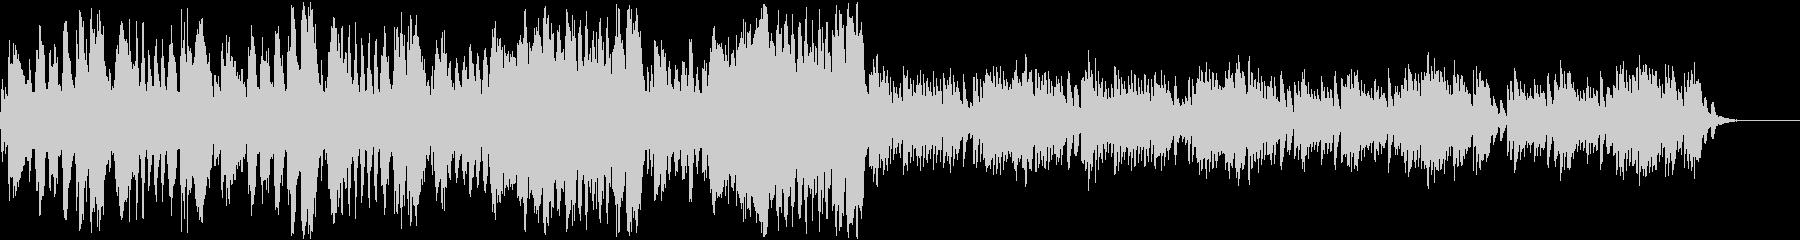 ピアノ協奏曲第17番第3楽章モーツァルトの未再生の波形